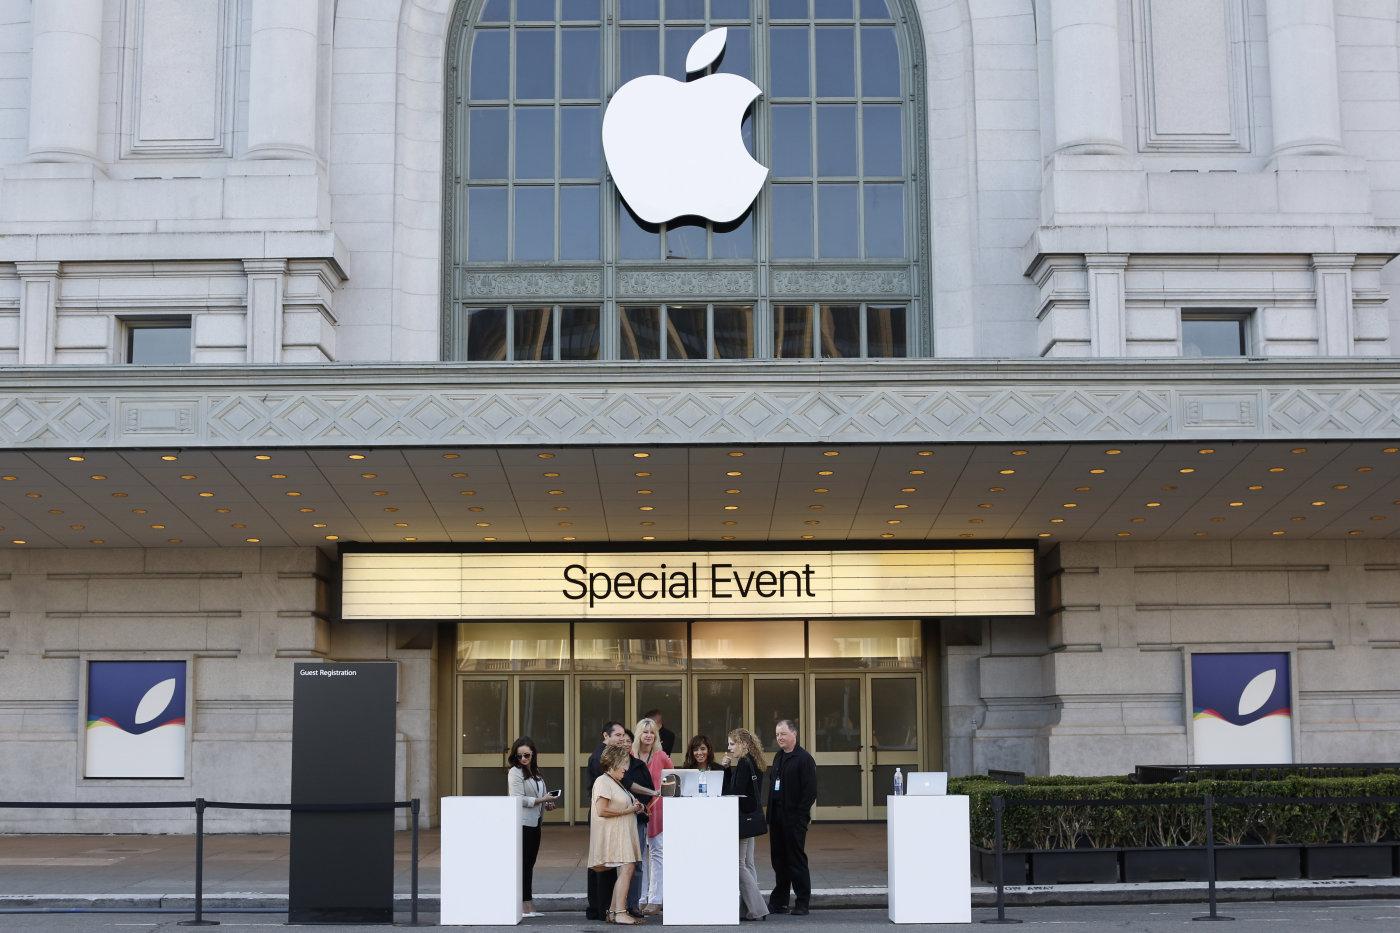 El evento de Apple se habría cambiado para el 21 de marzo